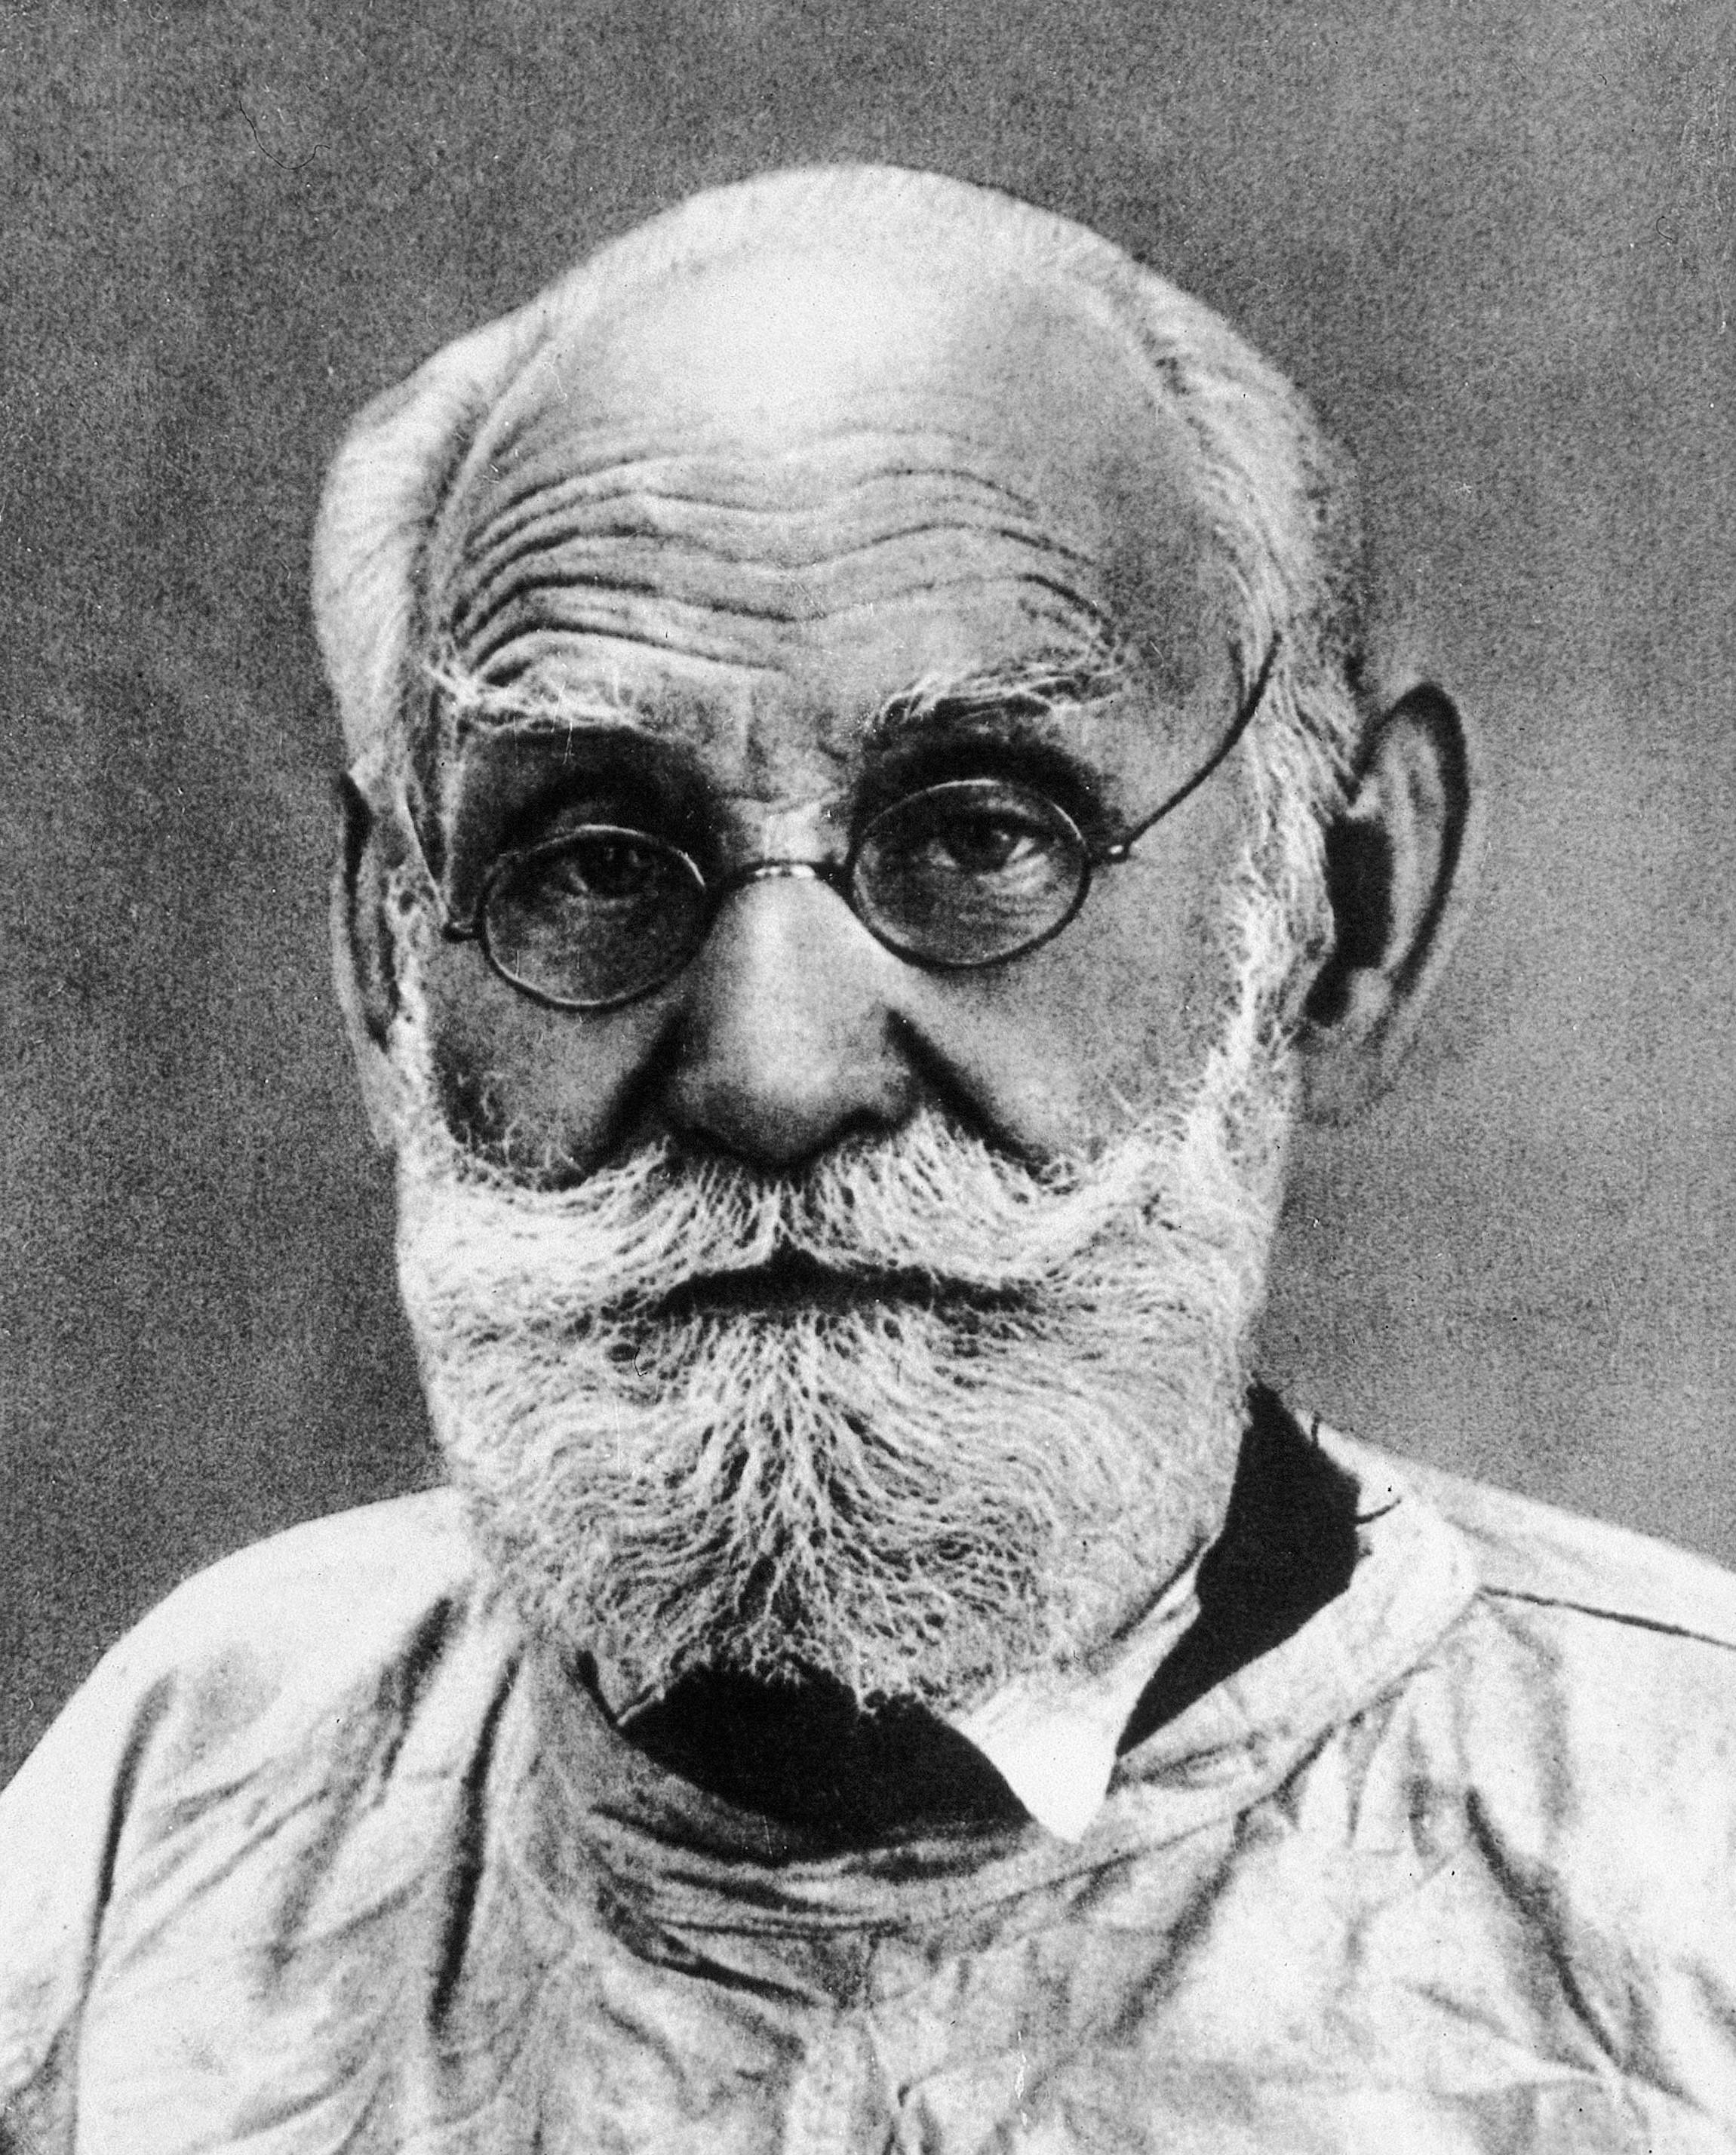 Иван Павлов (1849- 1936) | 8 русских и советских врачей, изменивших мир в лучшую сторону | Brain Berries